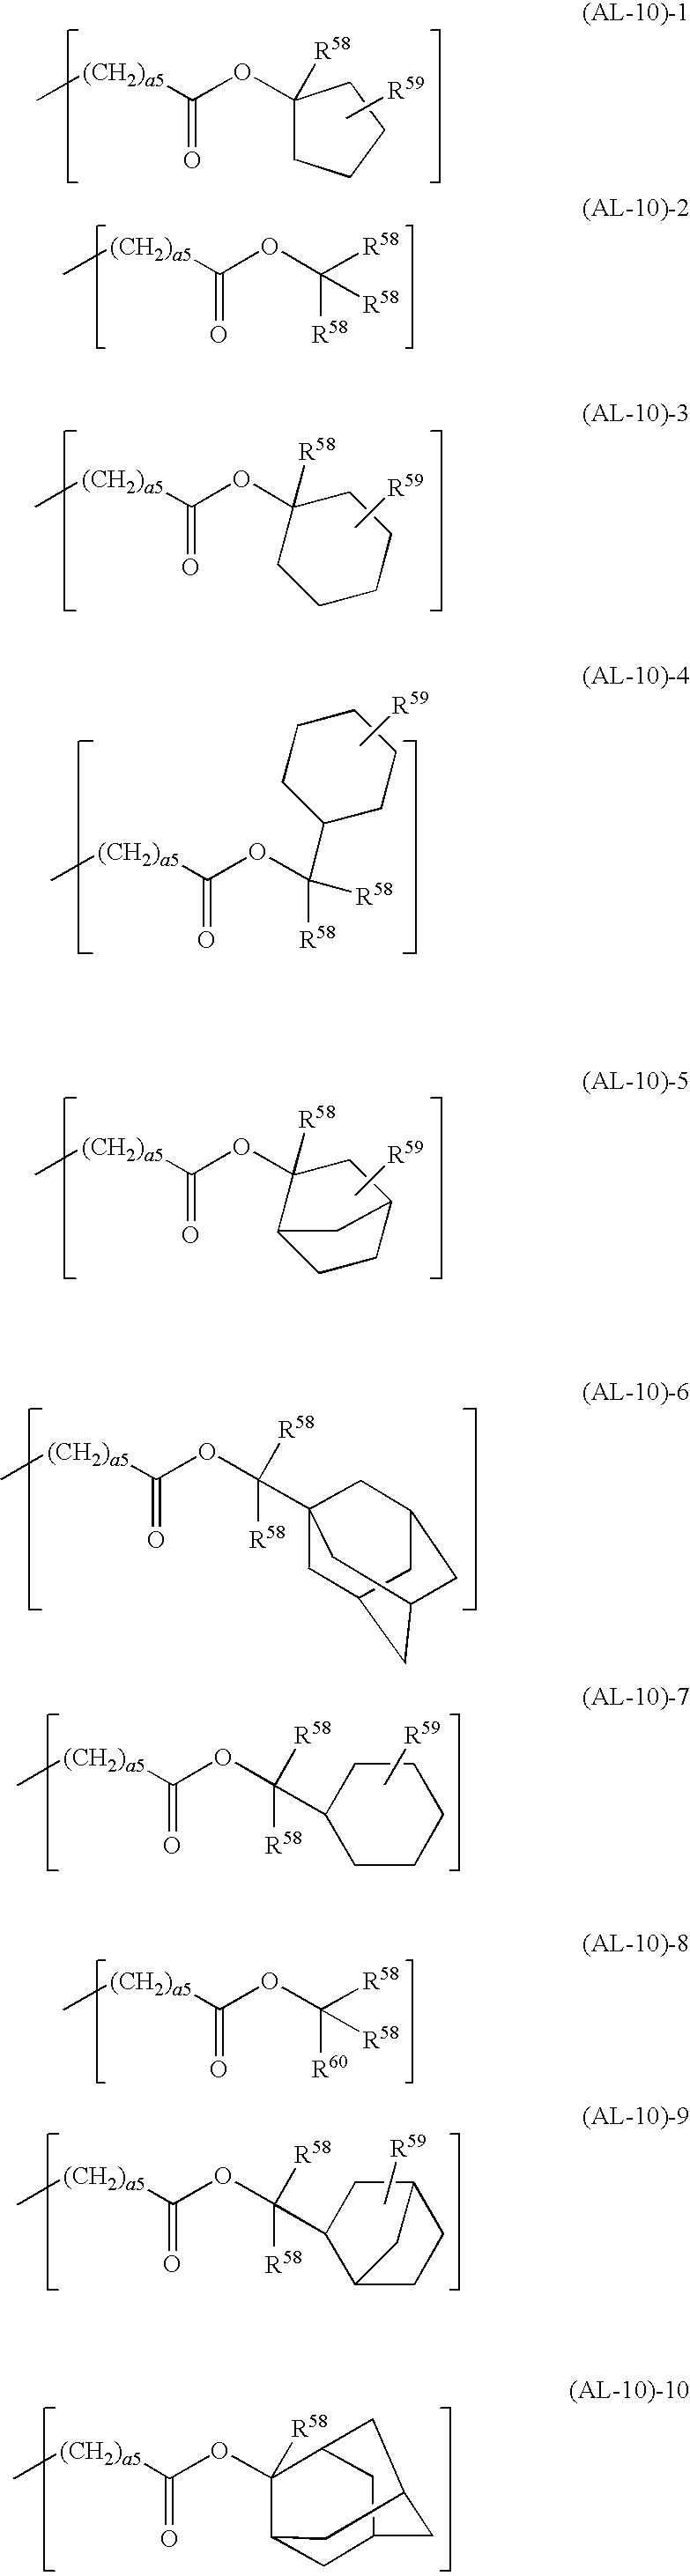 Figure US20100178617A1-20100715-C00011